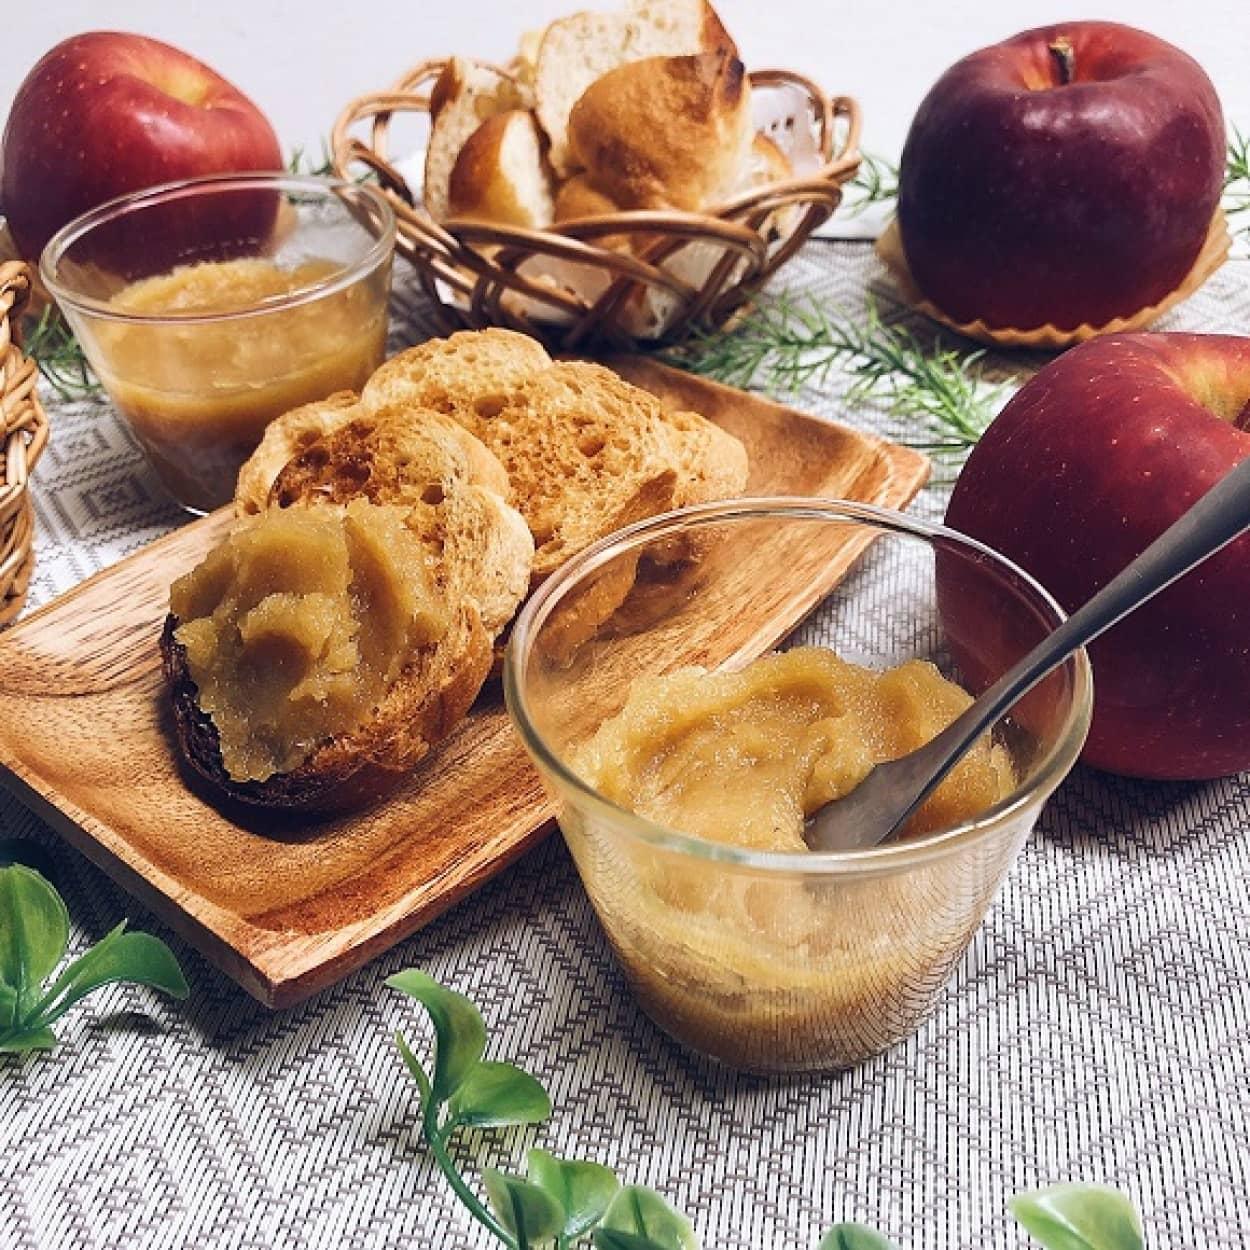 絶品りんごバターの作り方